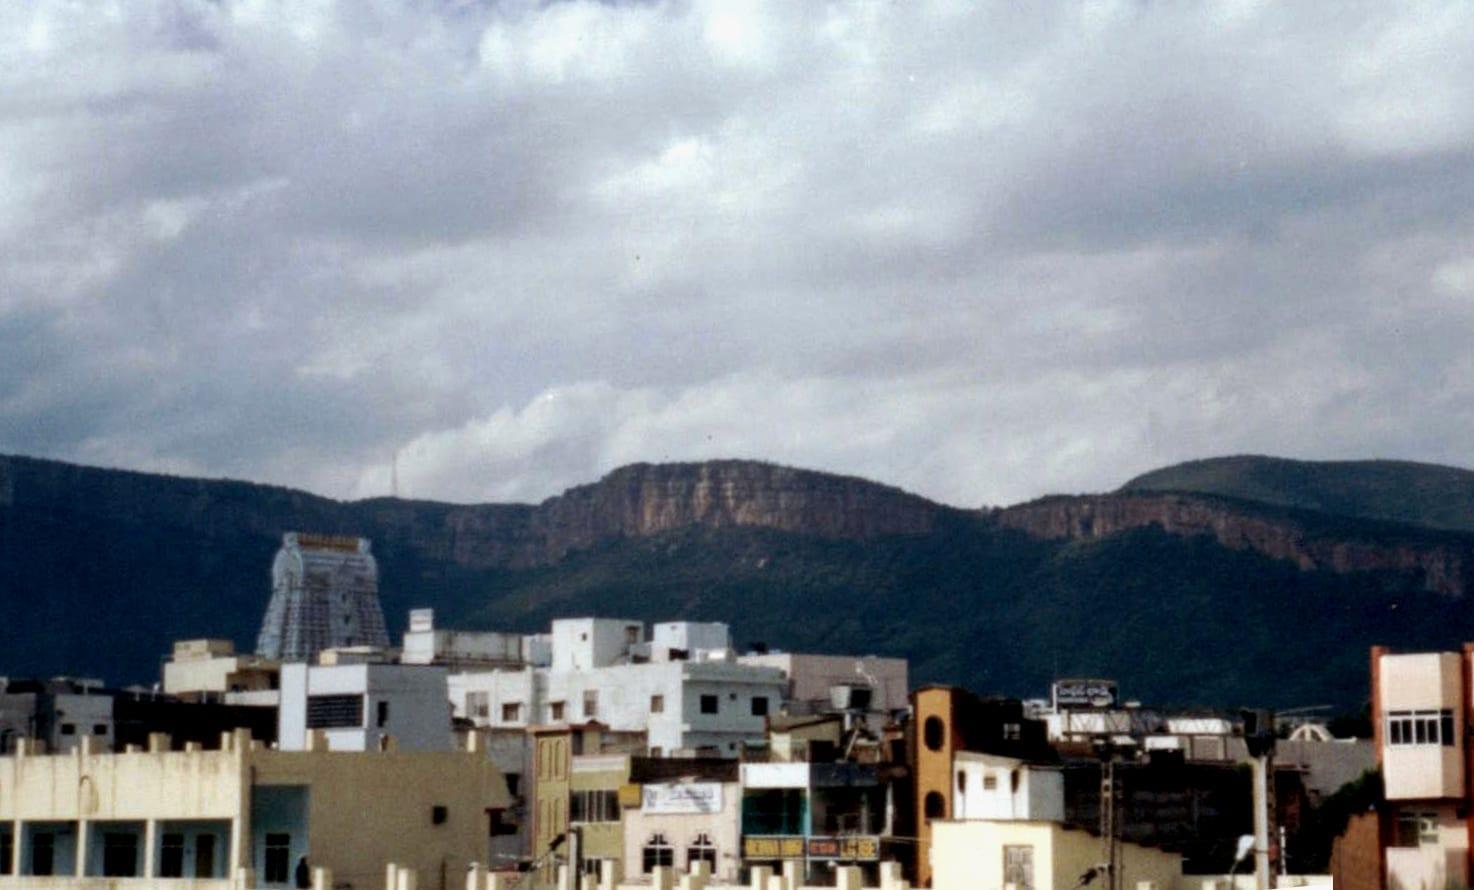 La ciudad de Tirupathi y las colinas de Tirumala Vista desde la estación de tren de Tirupathi Tirupati India